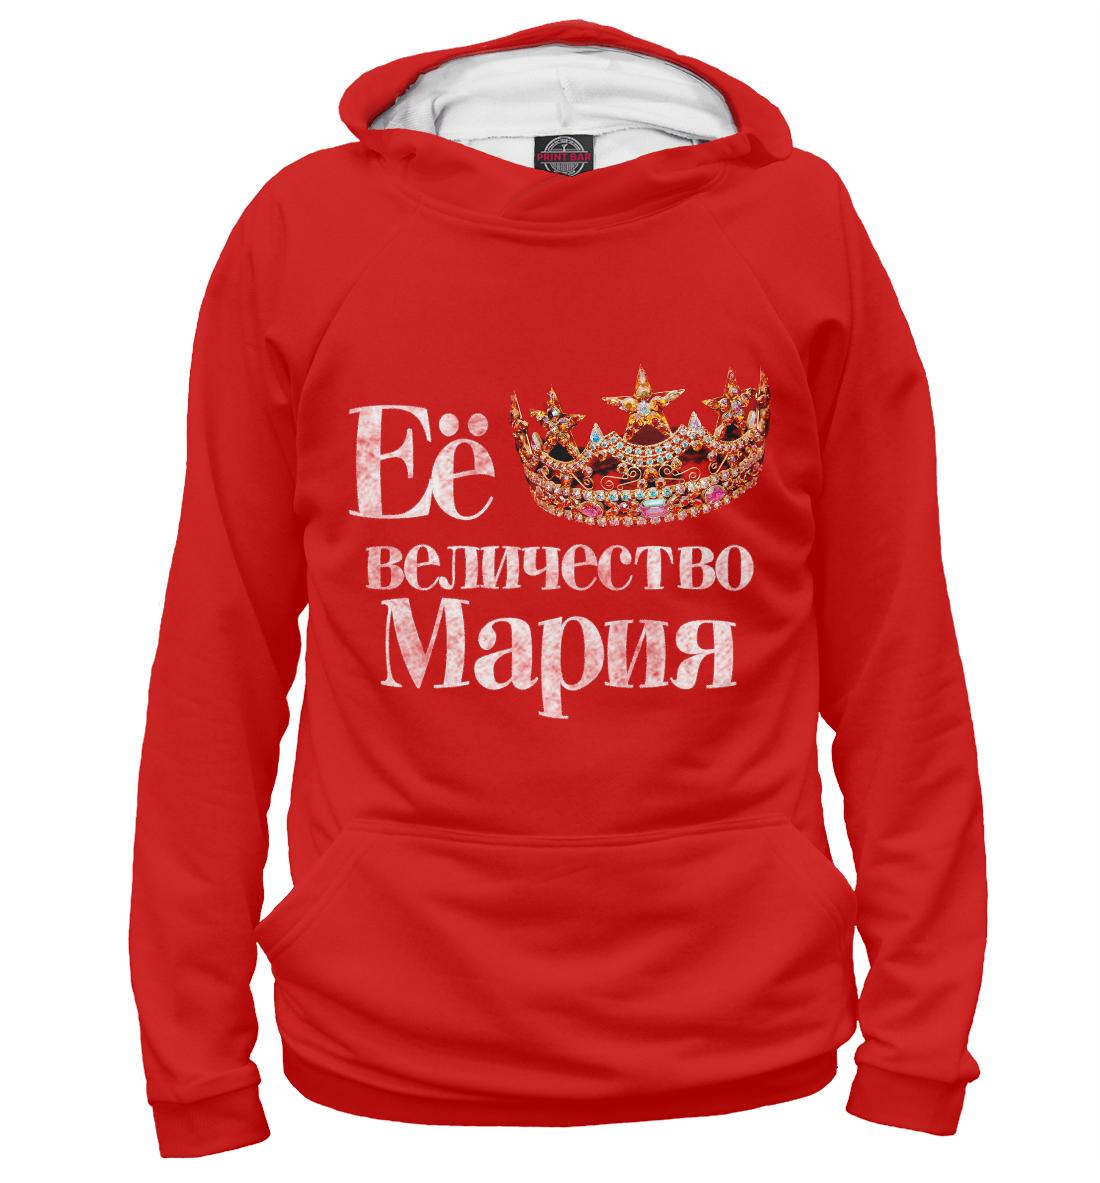 Купить Её величество Мария, Printbar, Худи, MAR-254644-hud